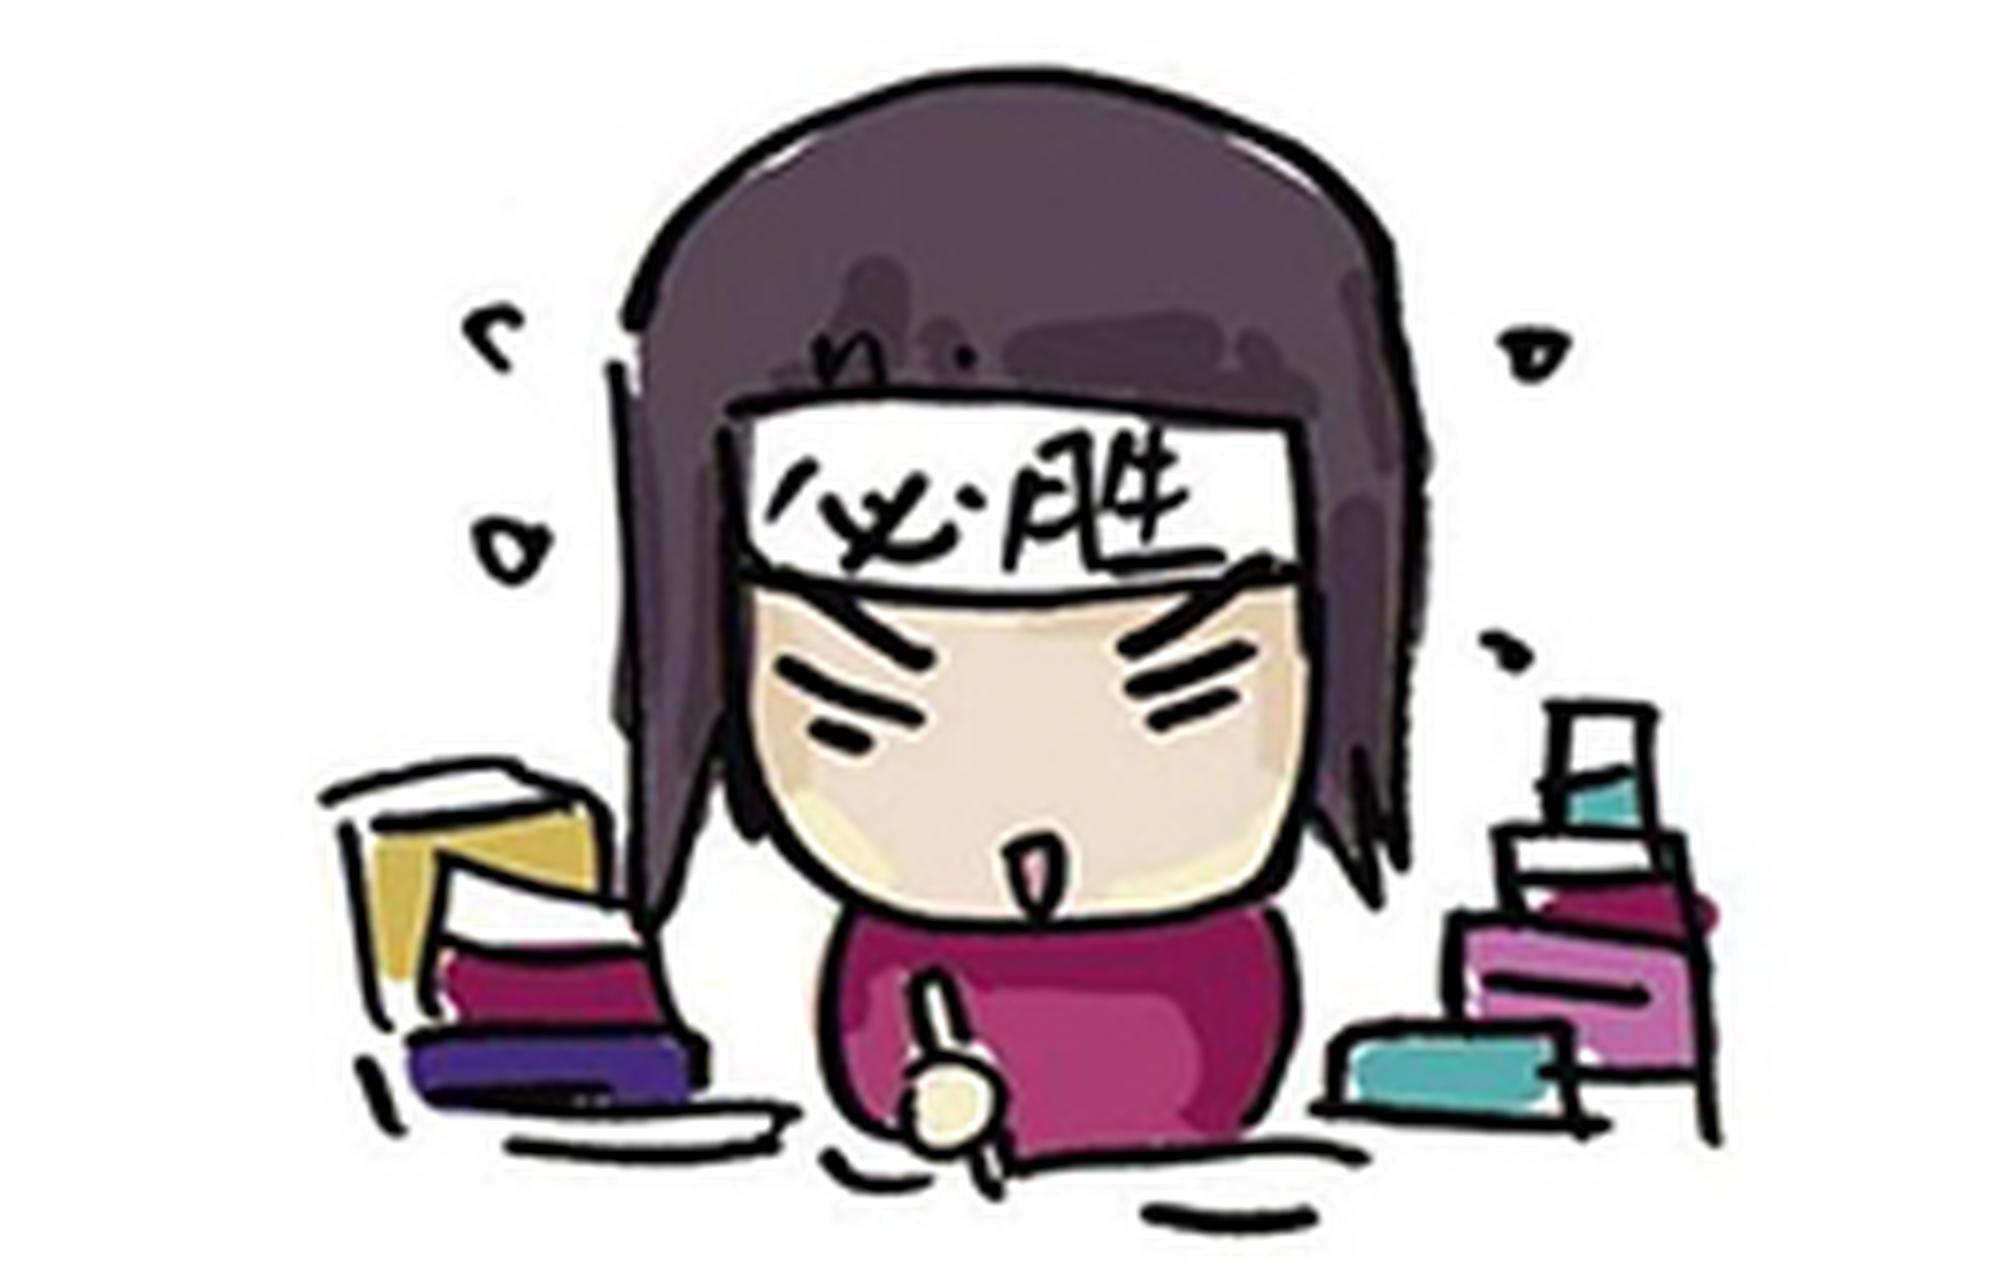 过半高三学生每天写作业超3小时